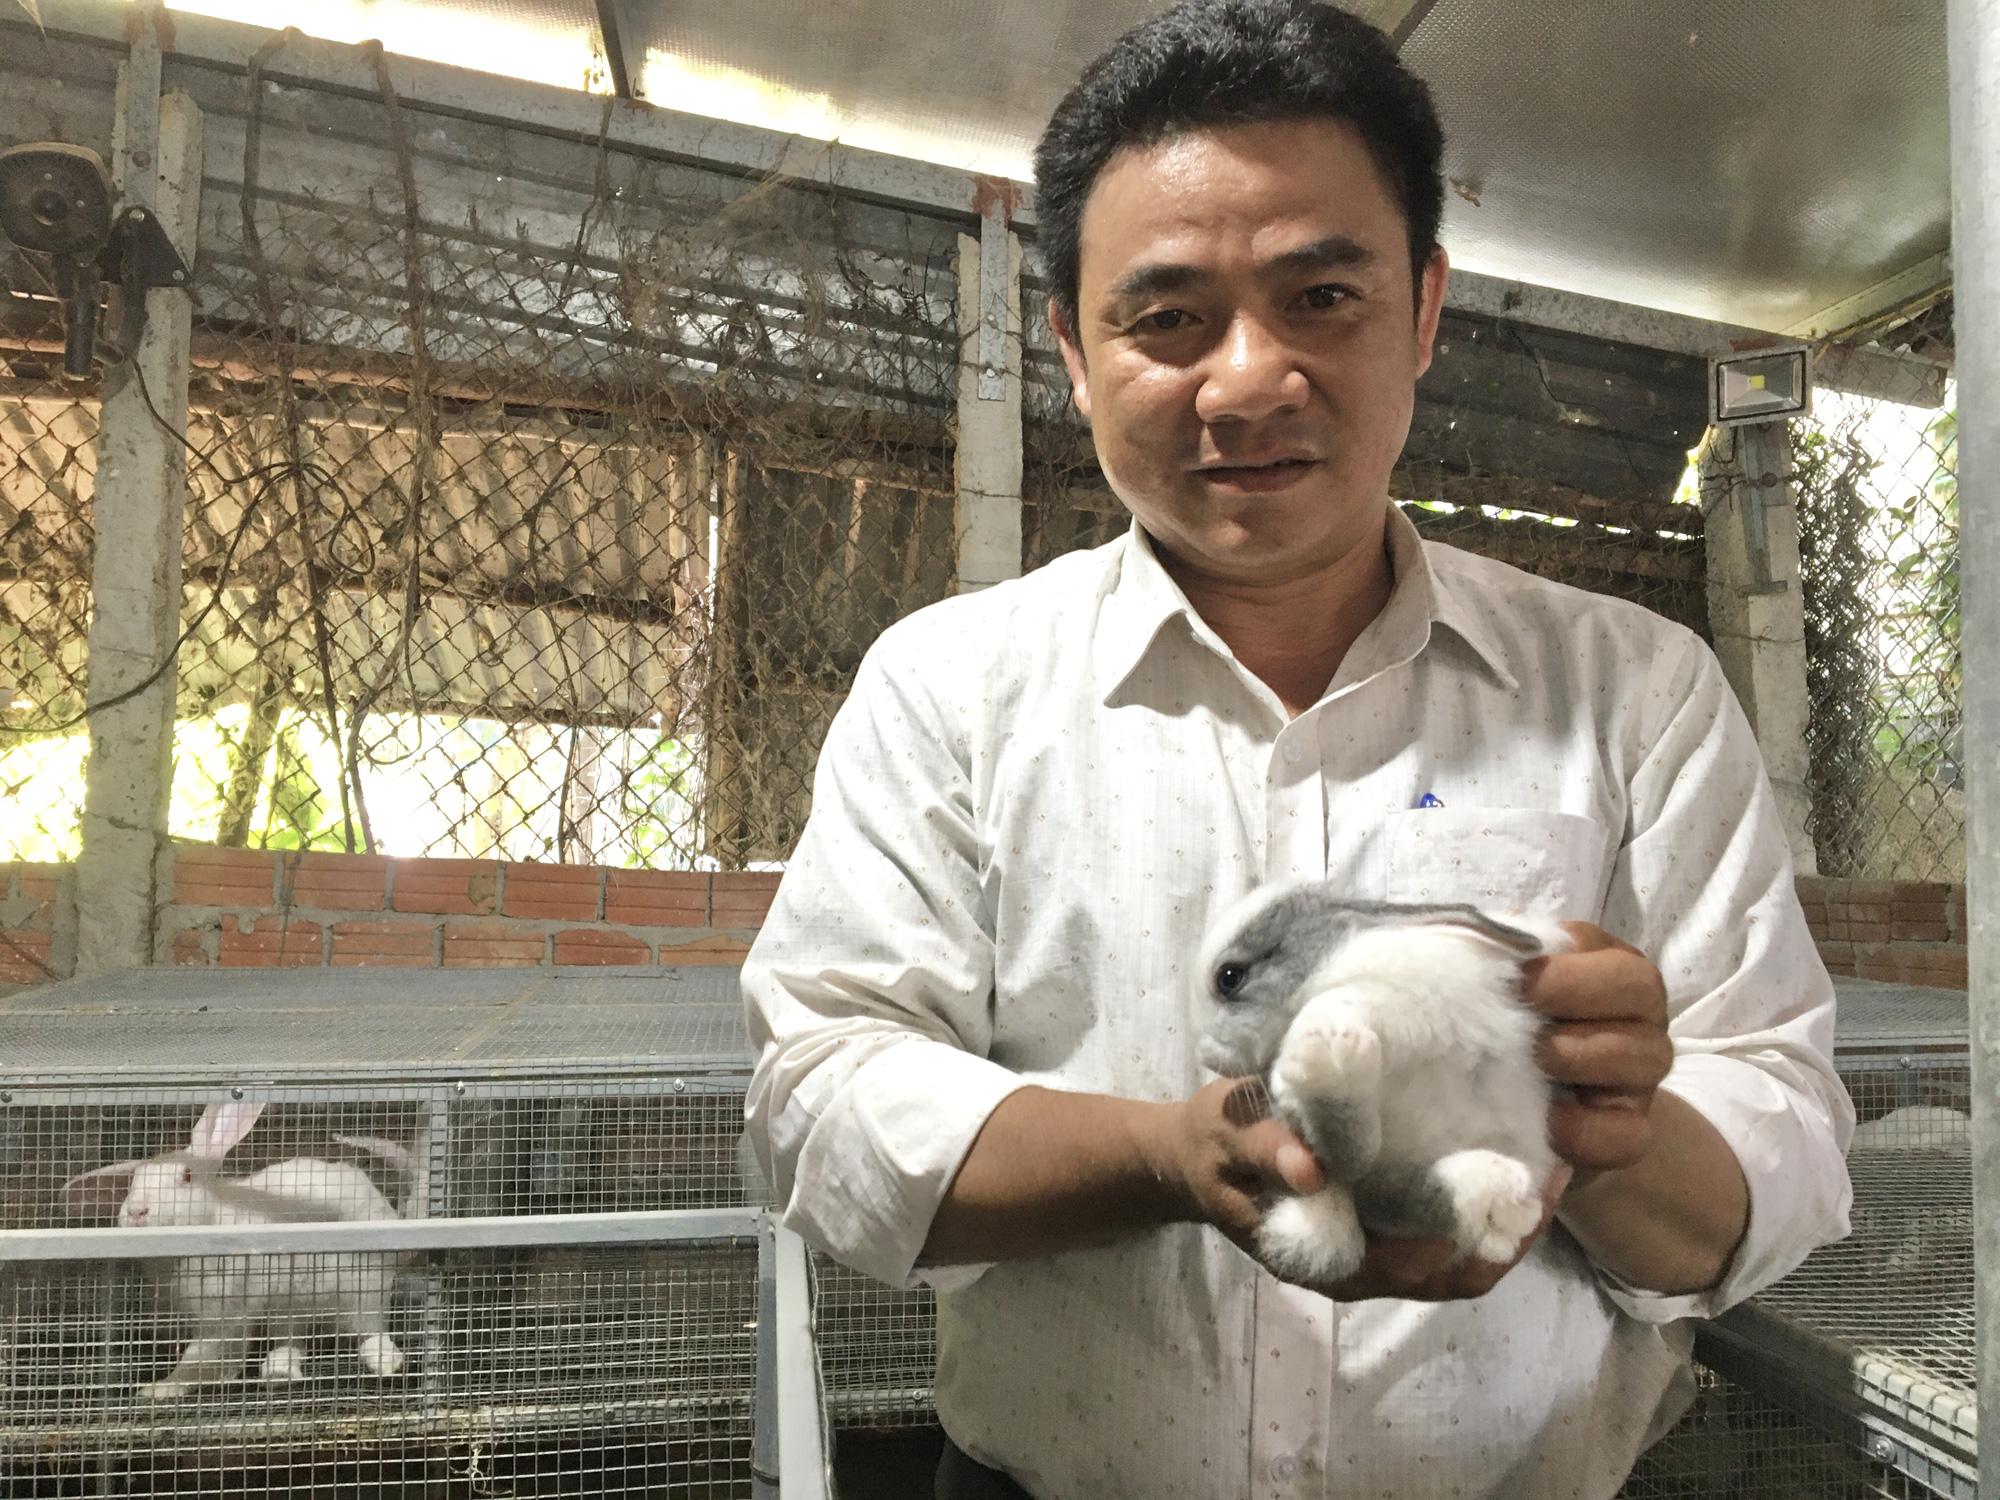 Đà Nẵng: Kỹ sư 8X bỏ phố lên núi nuôi thỏ, trồng nấm vươn lên làm giàu - Ảnh 1.